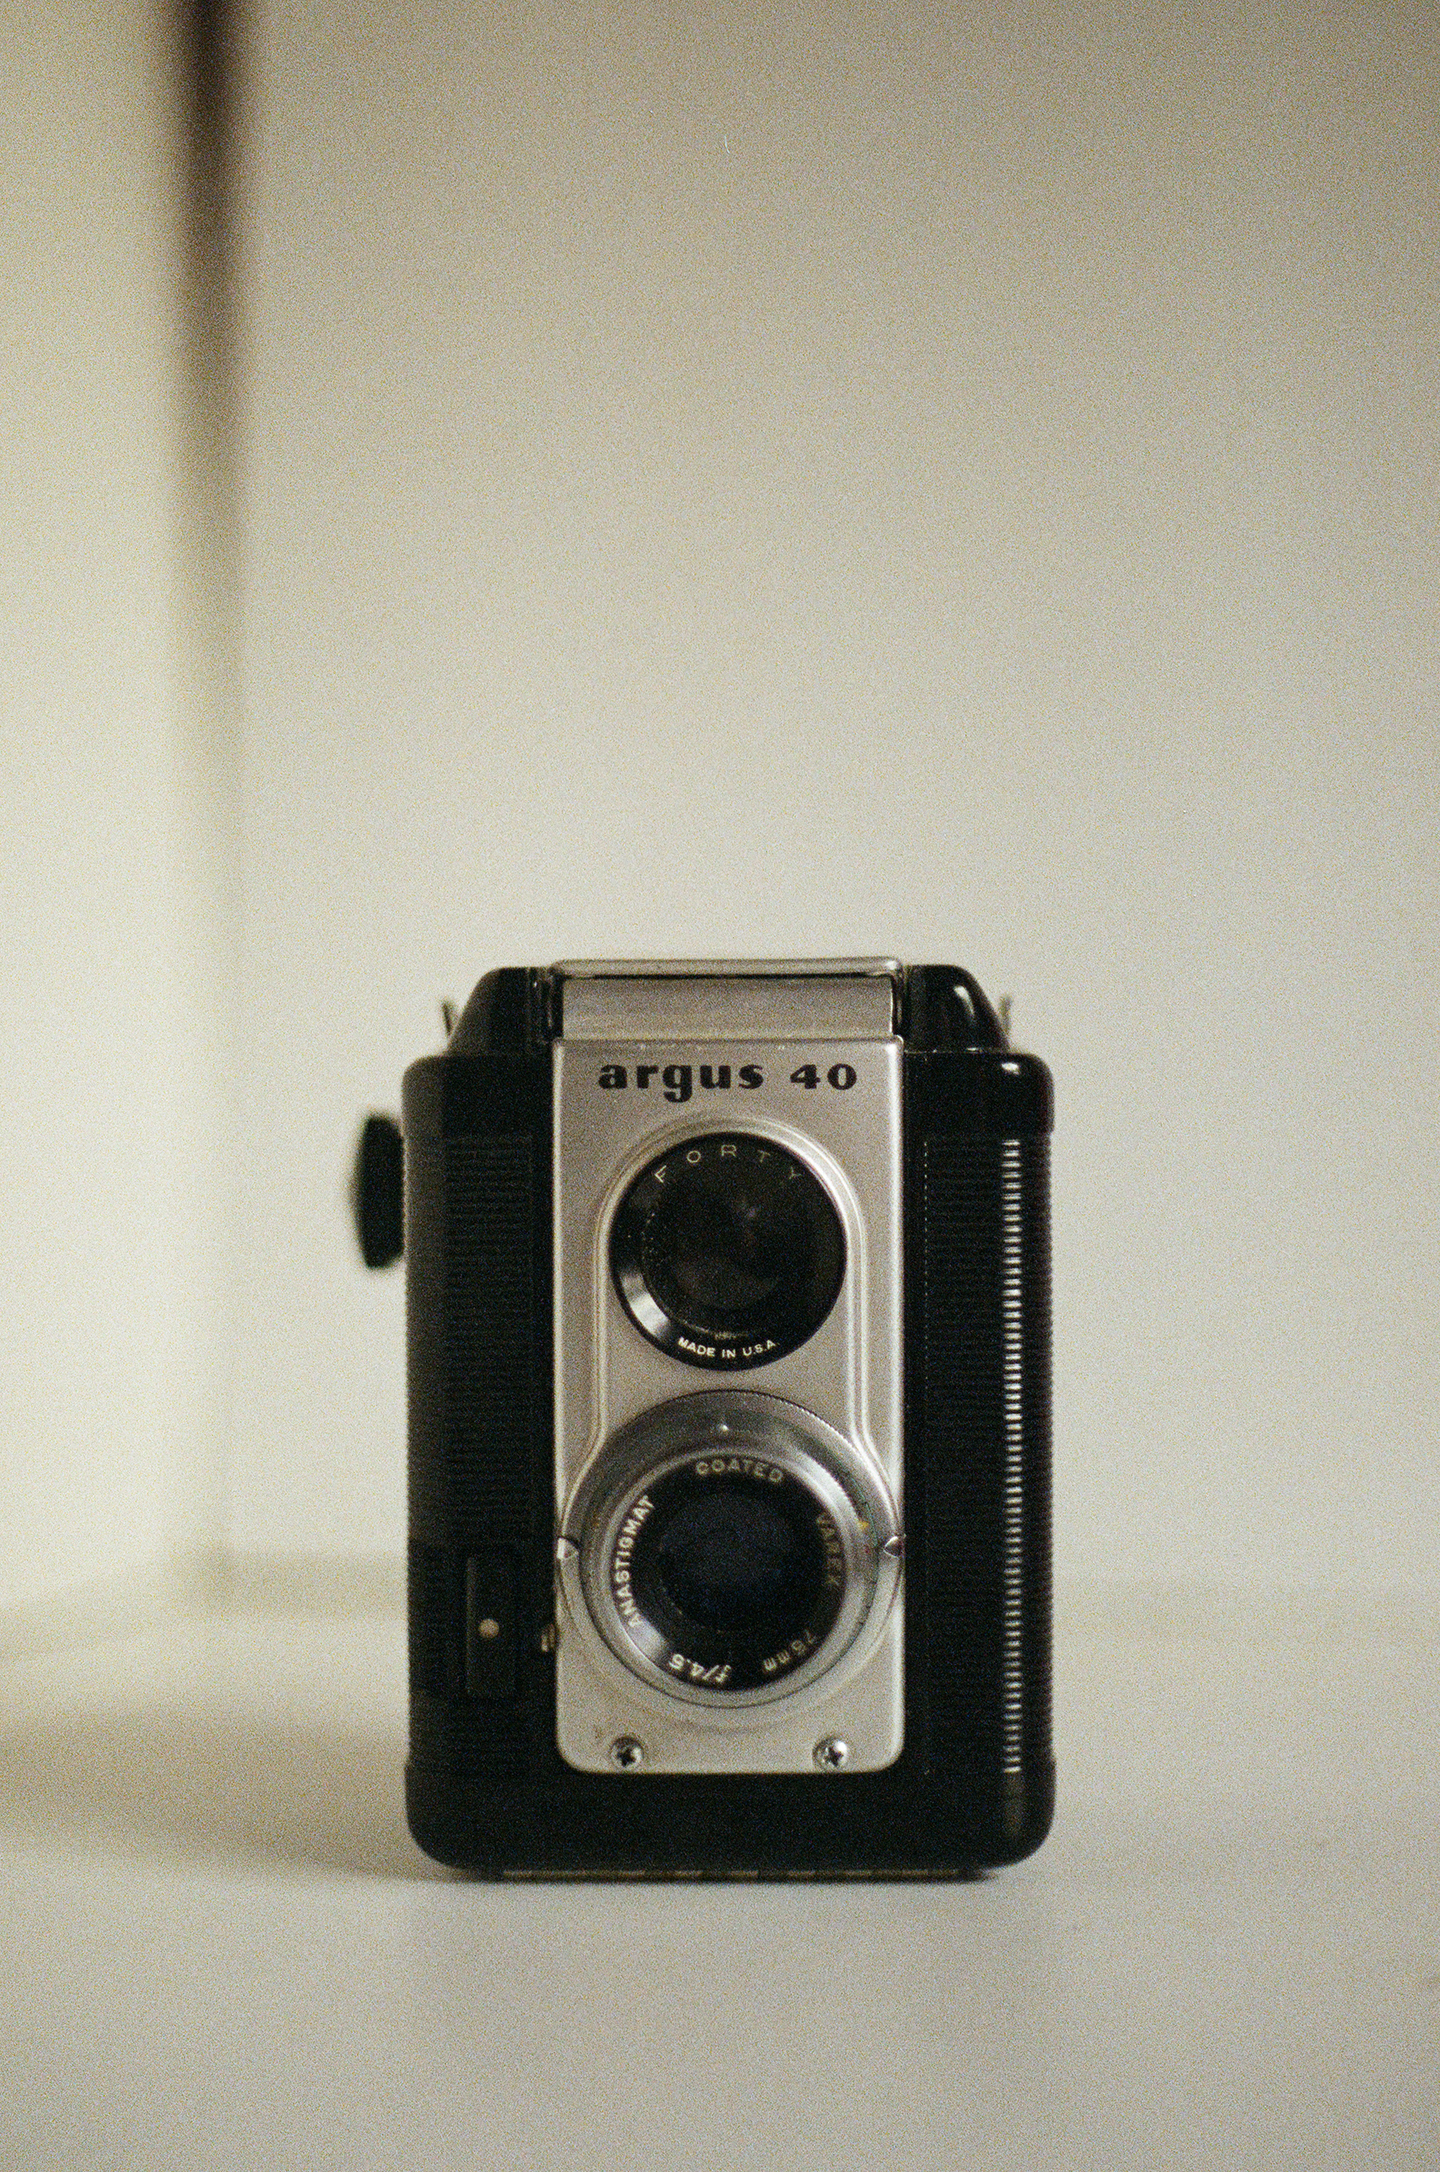 Argus 40 - 1950's Medium Format Psydo Twin Lens Reflex Camera